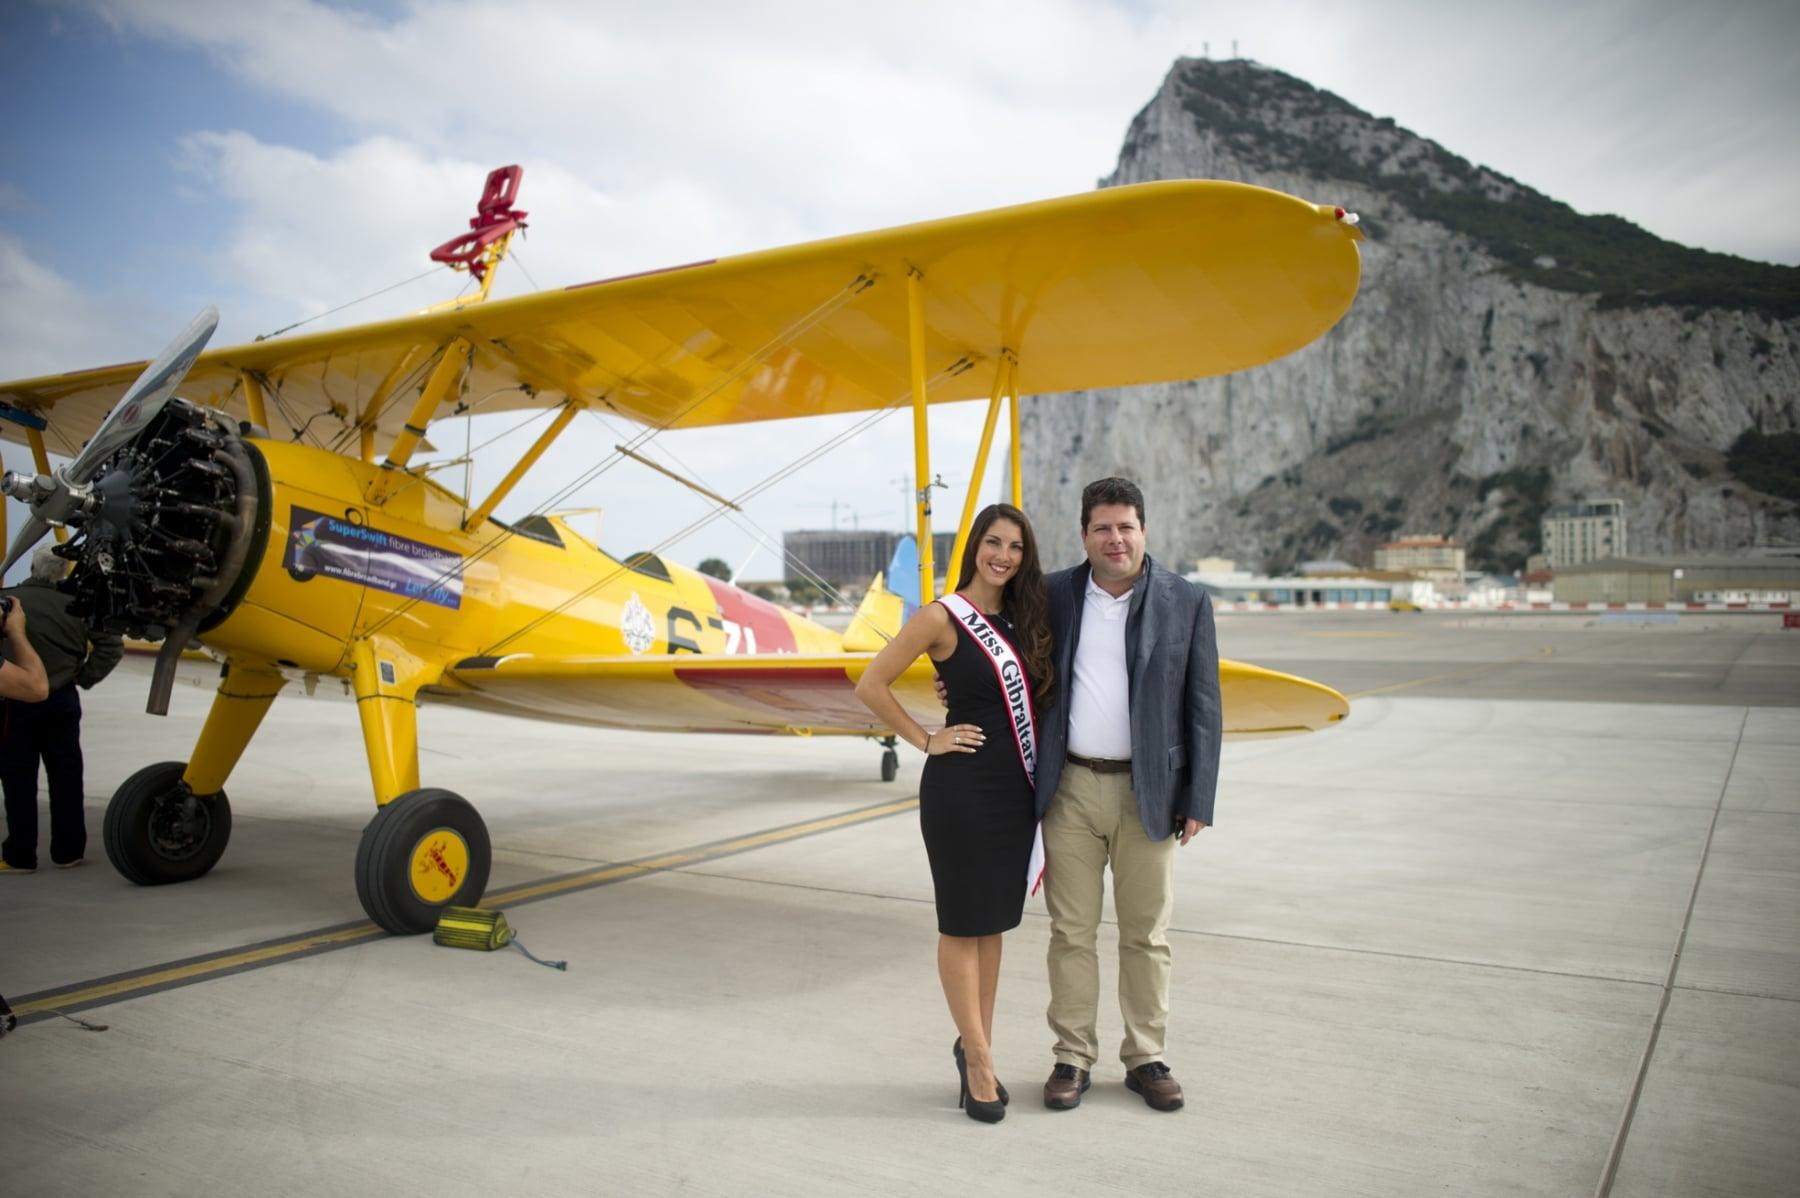 tom-lackey-acrobata-aereo-de-94-anos-en-gibraltar-10102014-07_15516256045_o